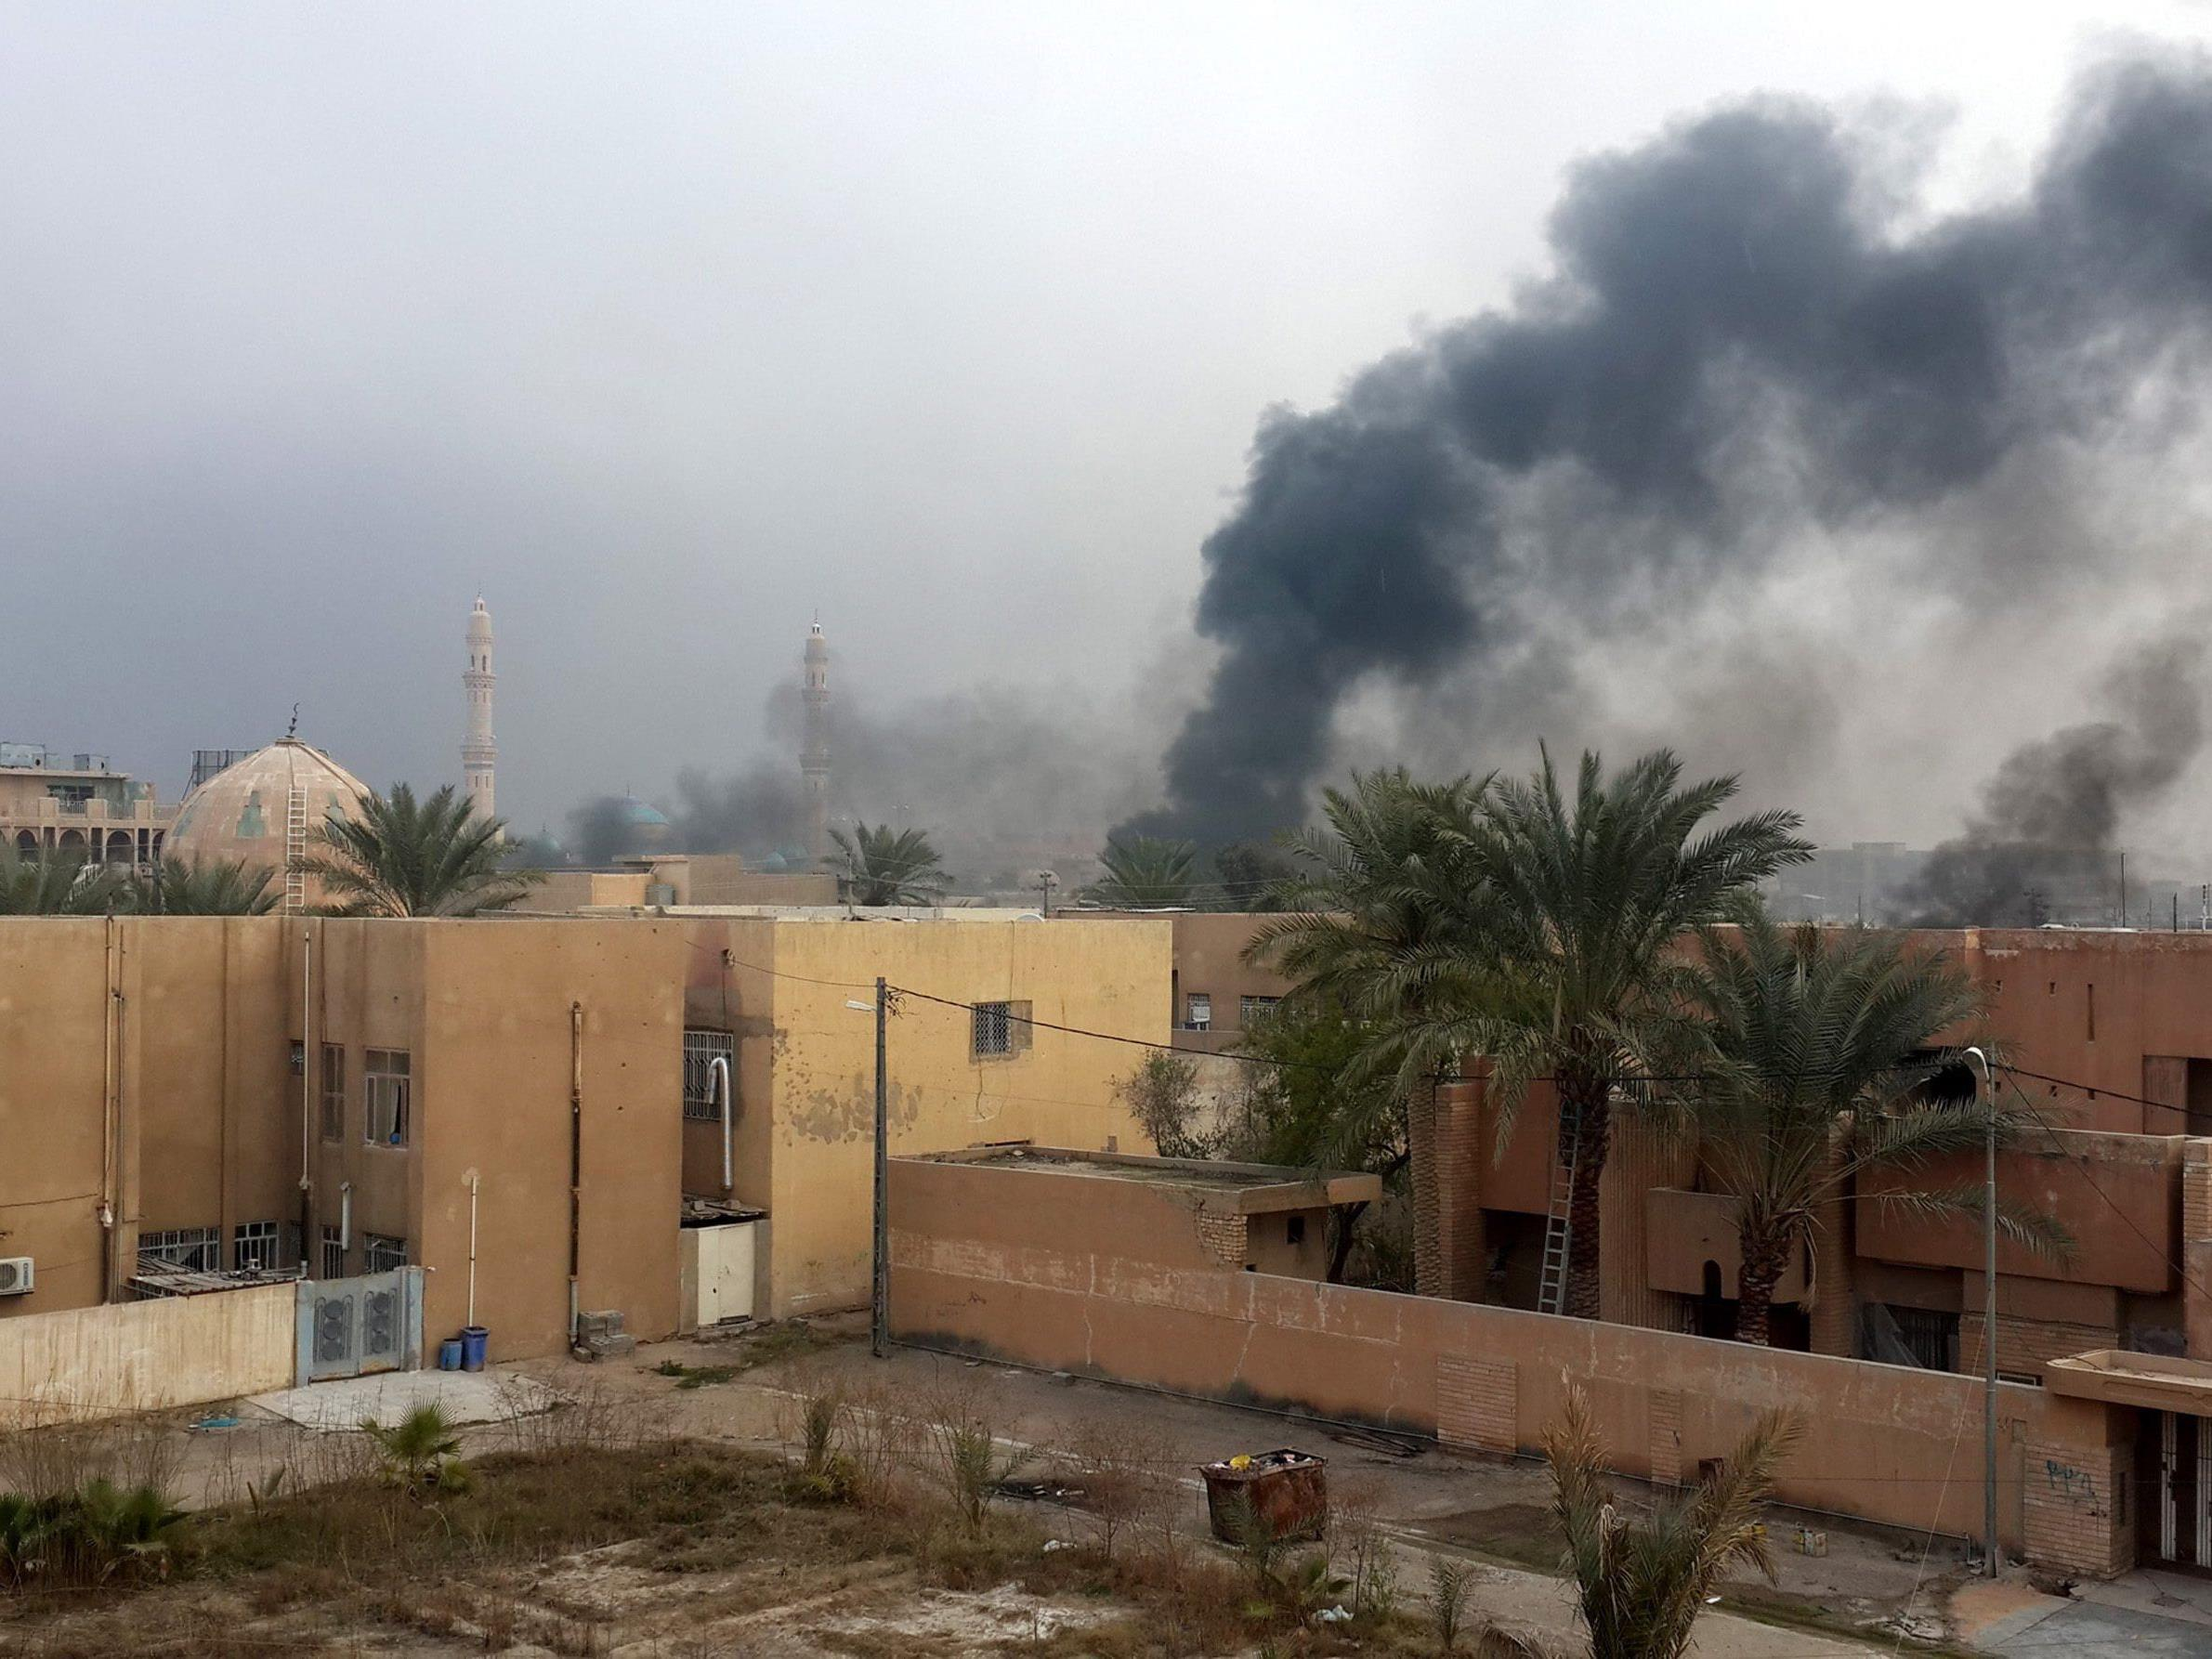 Bei einem Anschlag in der irakischen Hauptstadt Bagdad kamen mindestens 44 Menschen ums Leben.